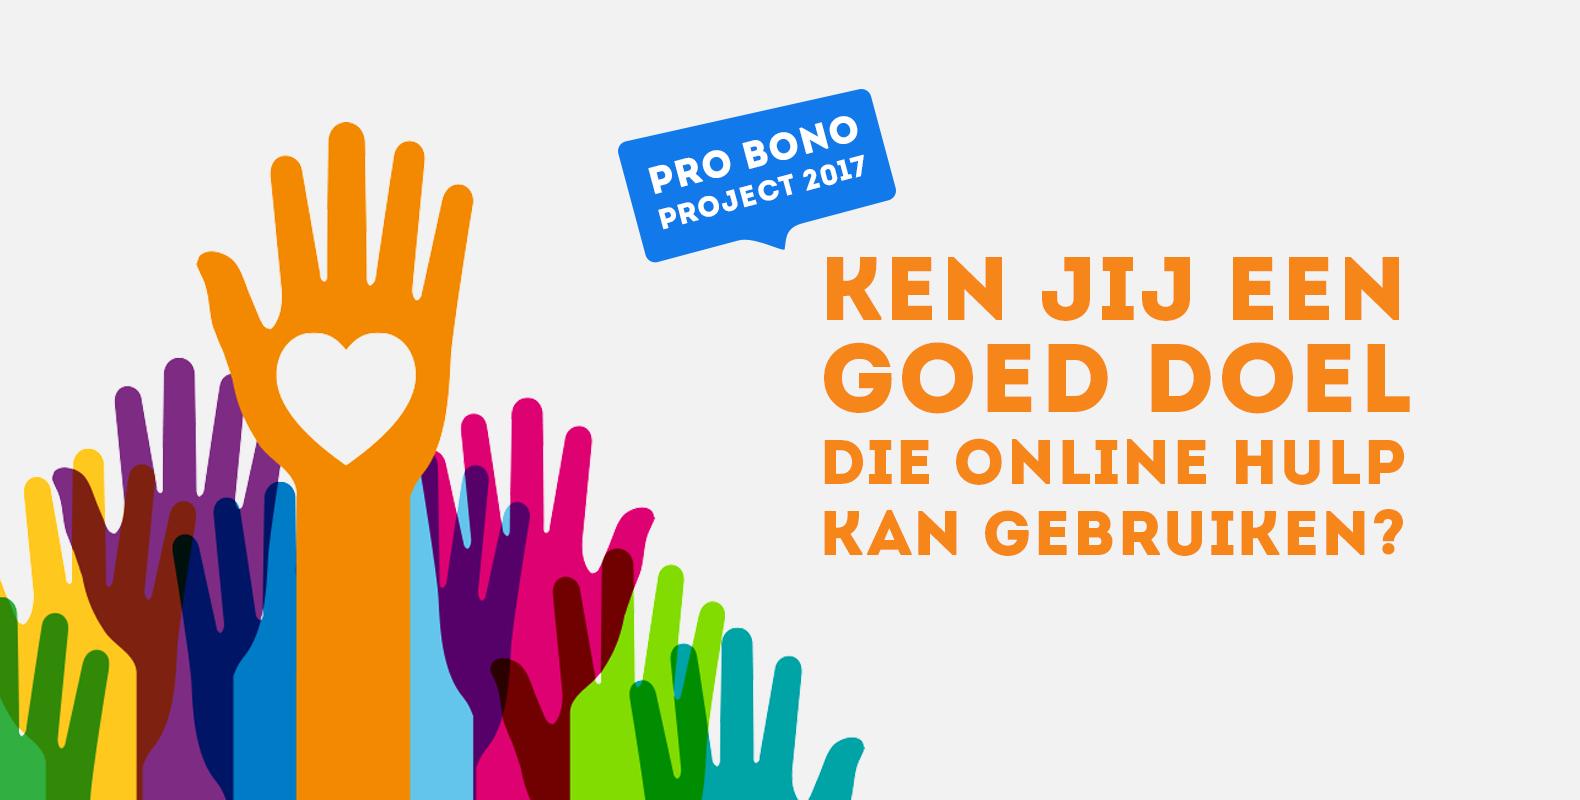 Wij zijn op zoek naar een goed doel voor Pro Bono werk